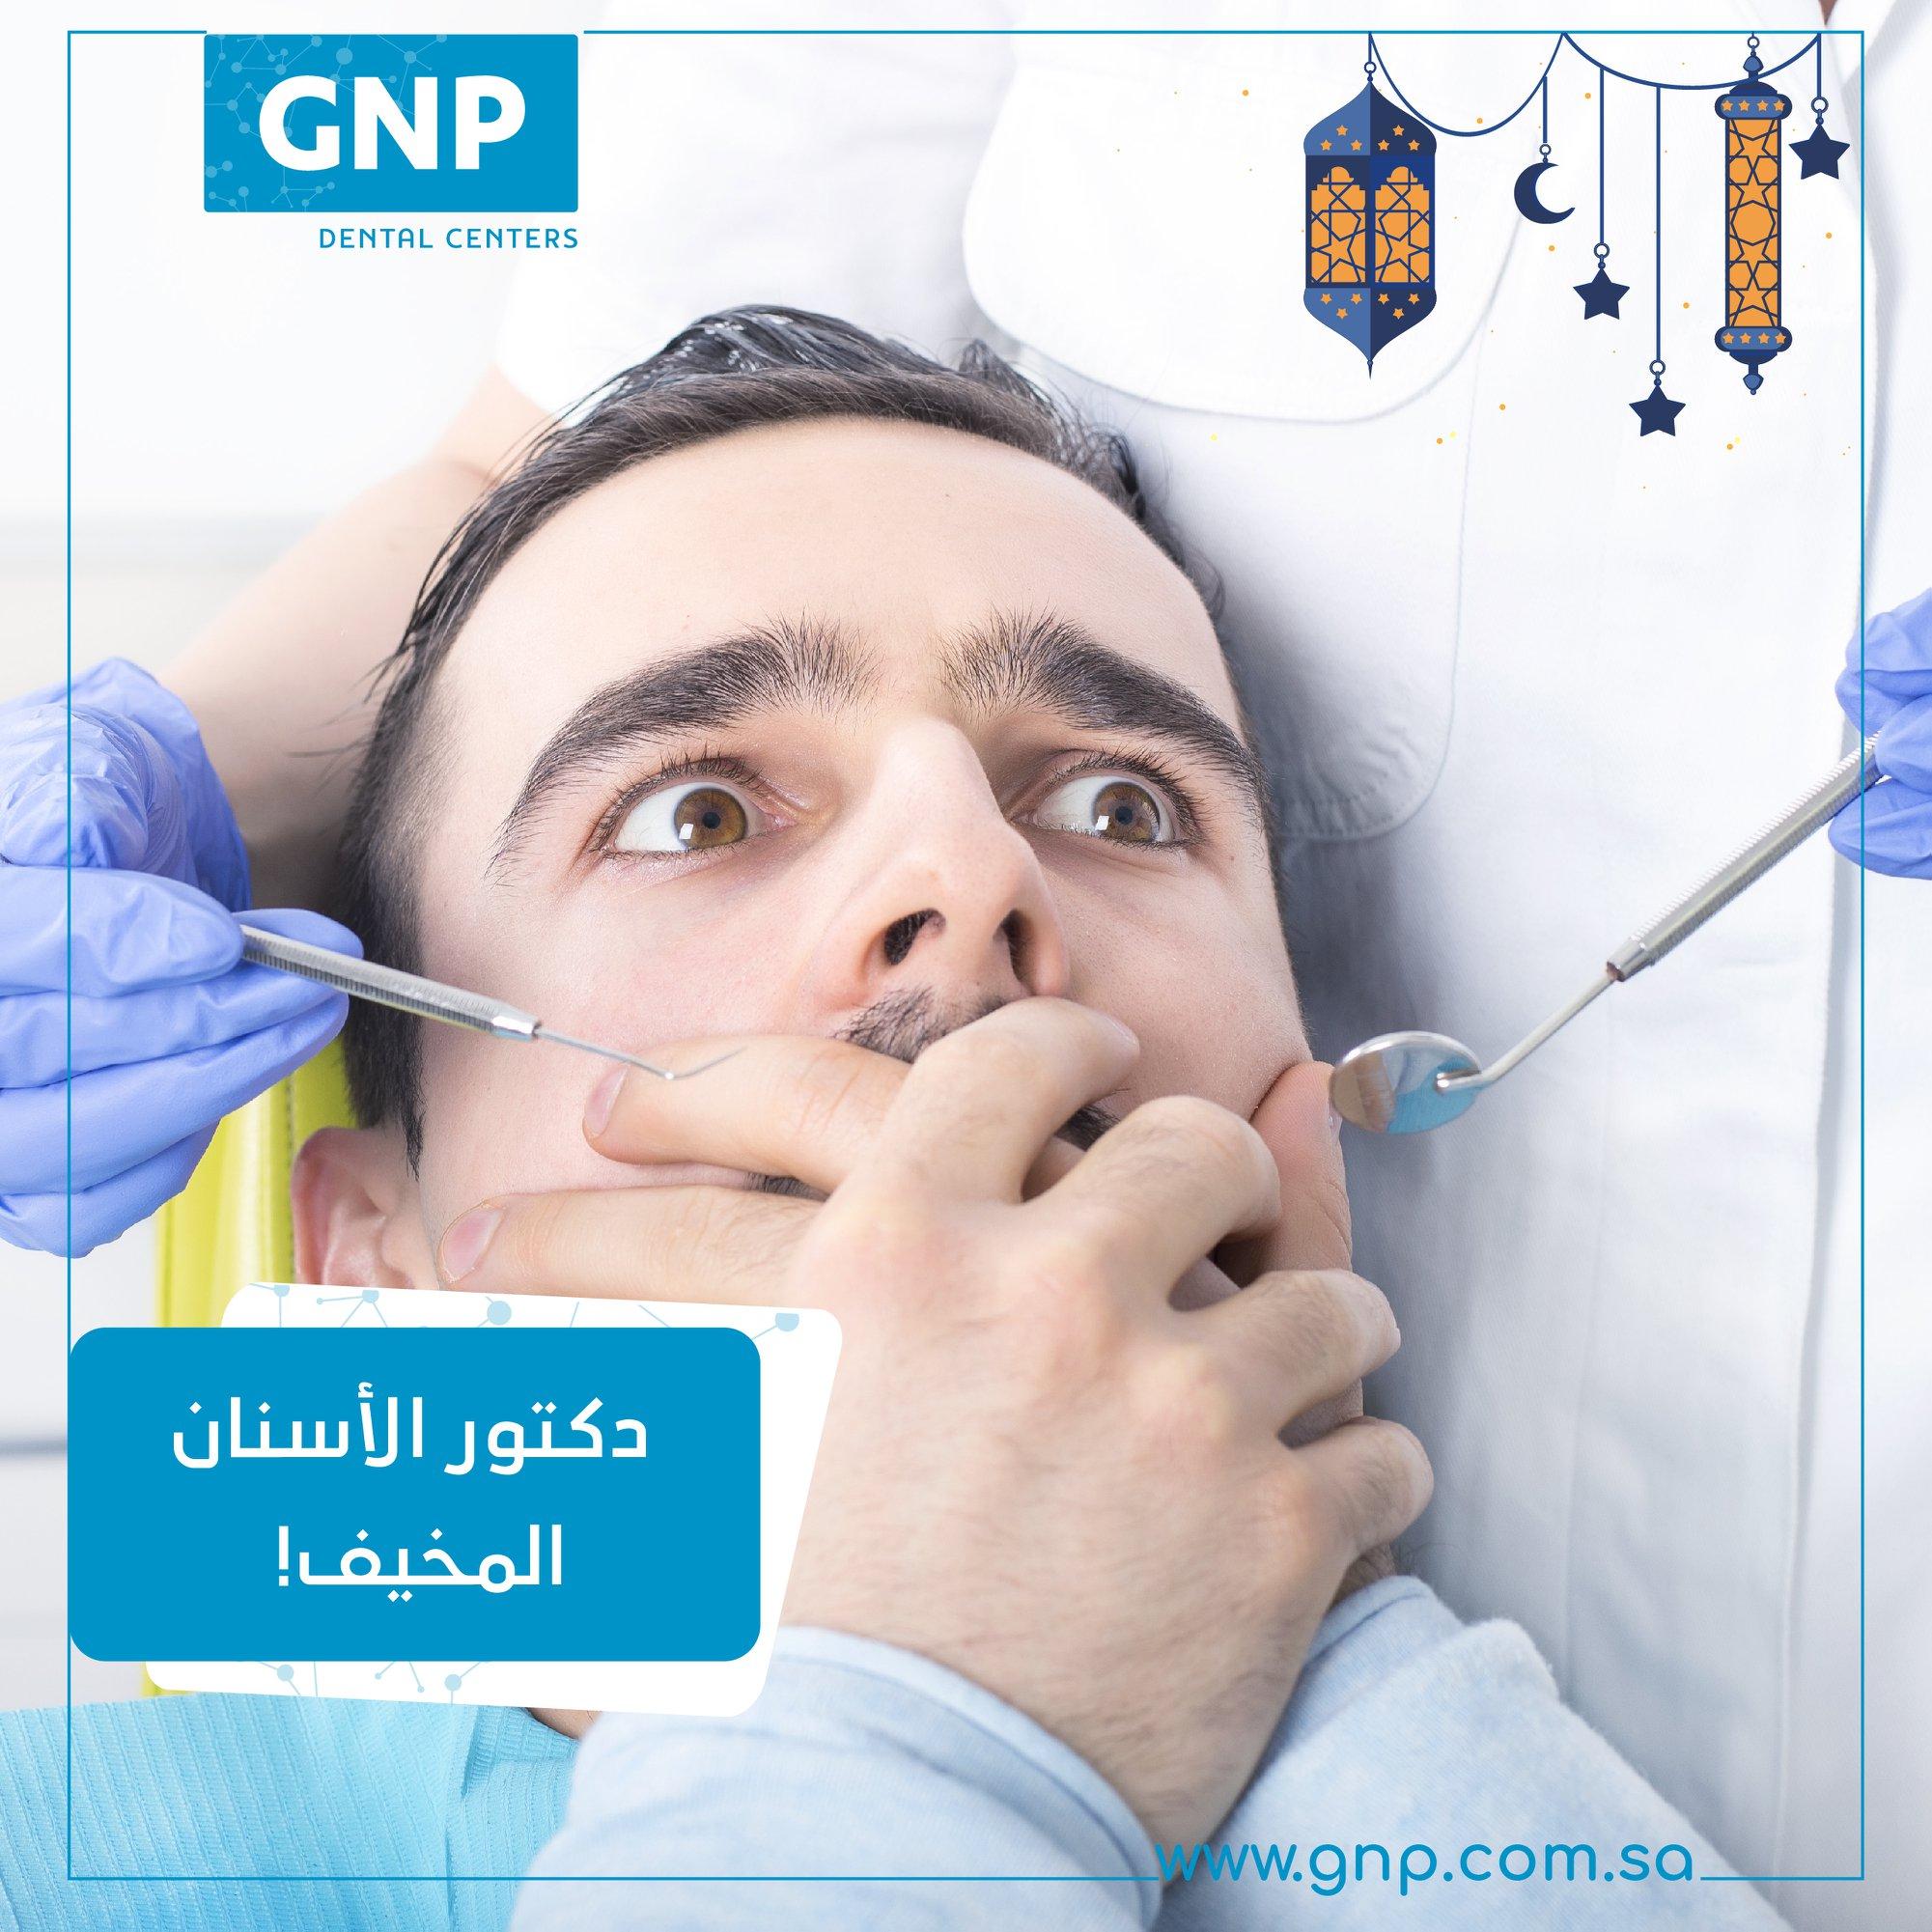 دكتور غسان نجيب فرعون